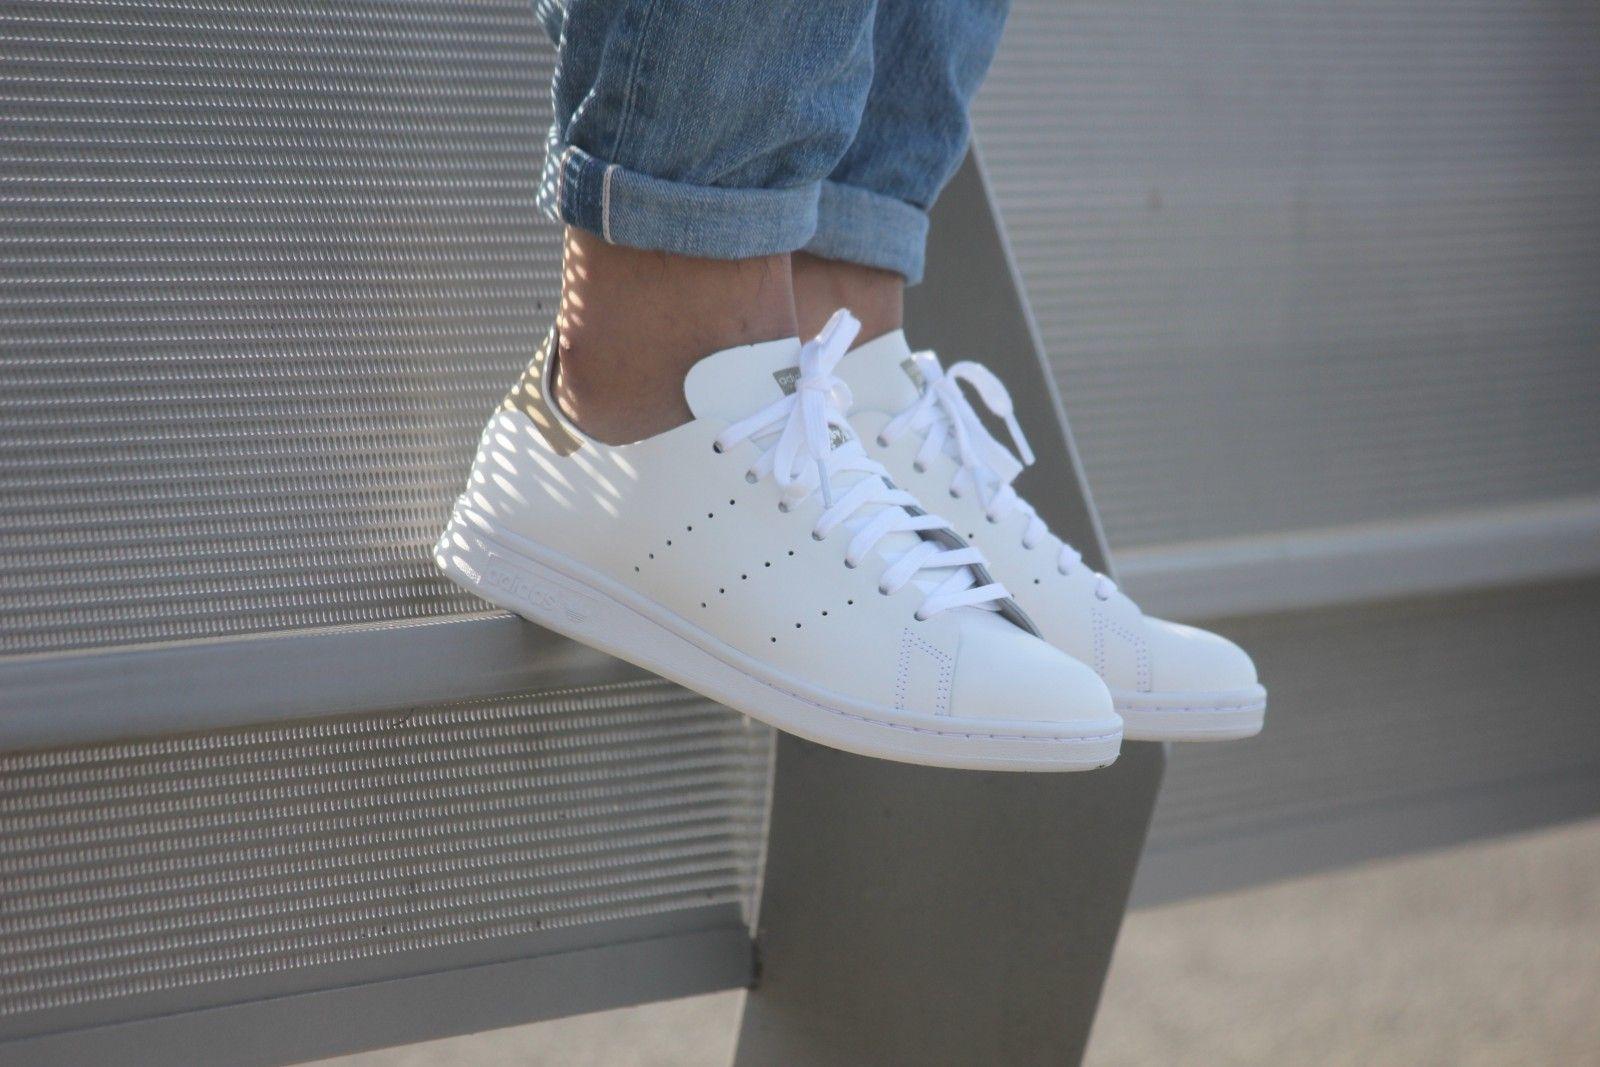 adidas stan smith dekonstruiert weiß weiße s75281 lente outfits